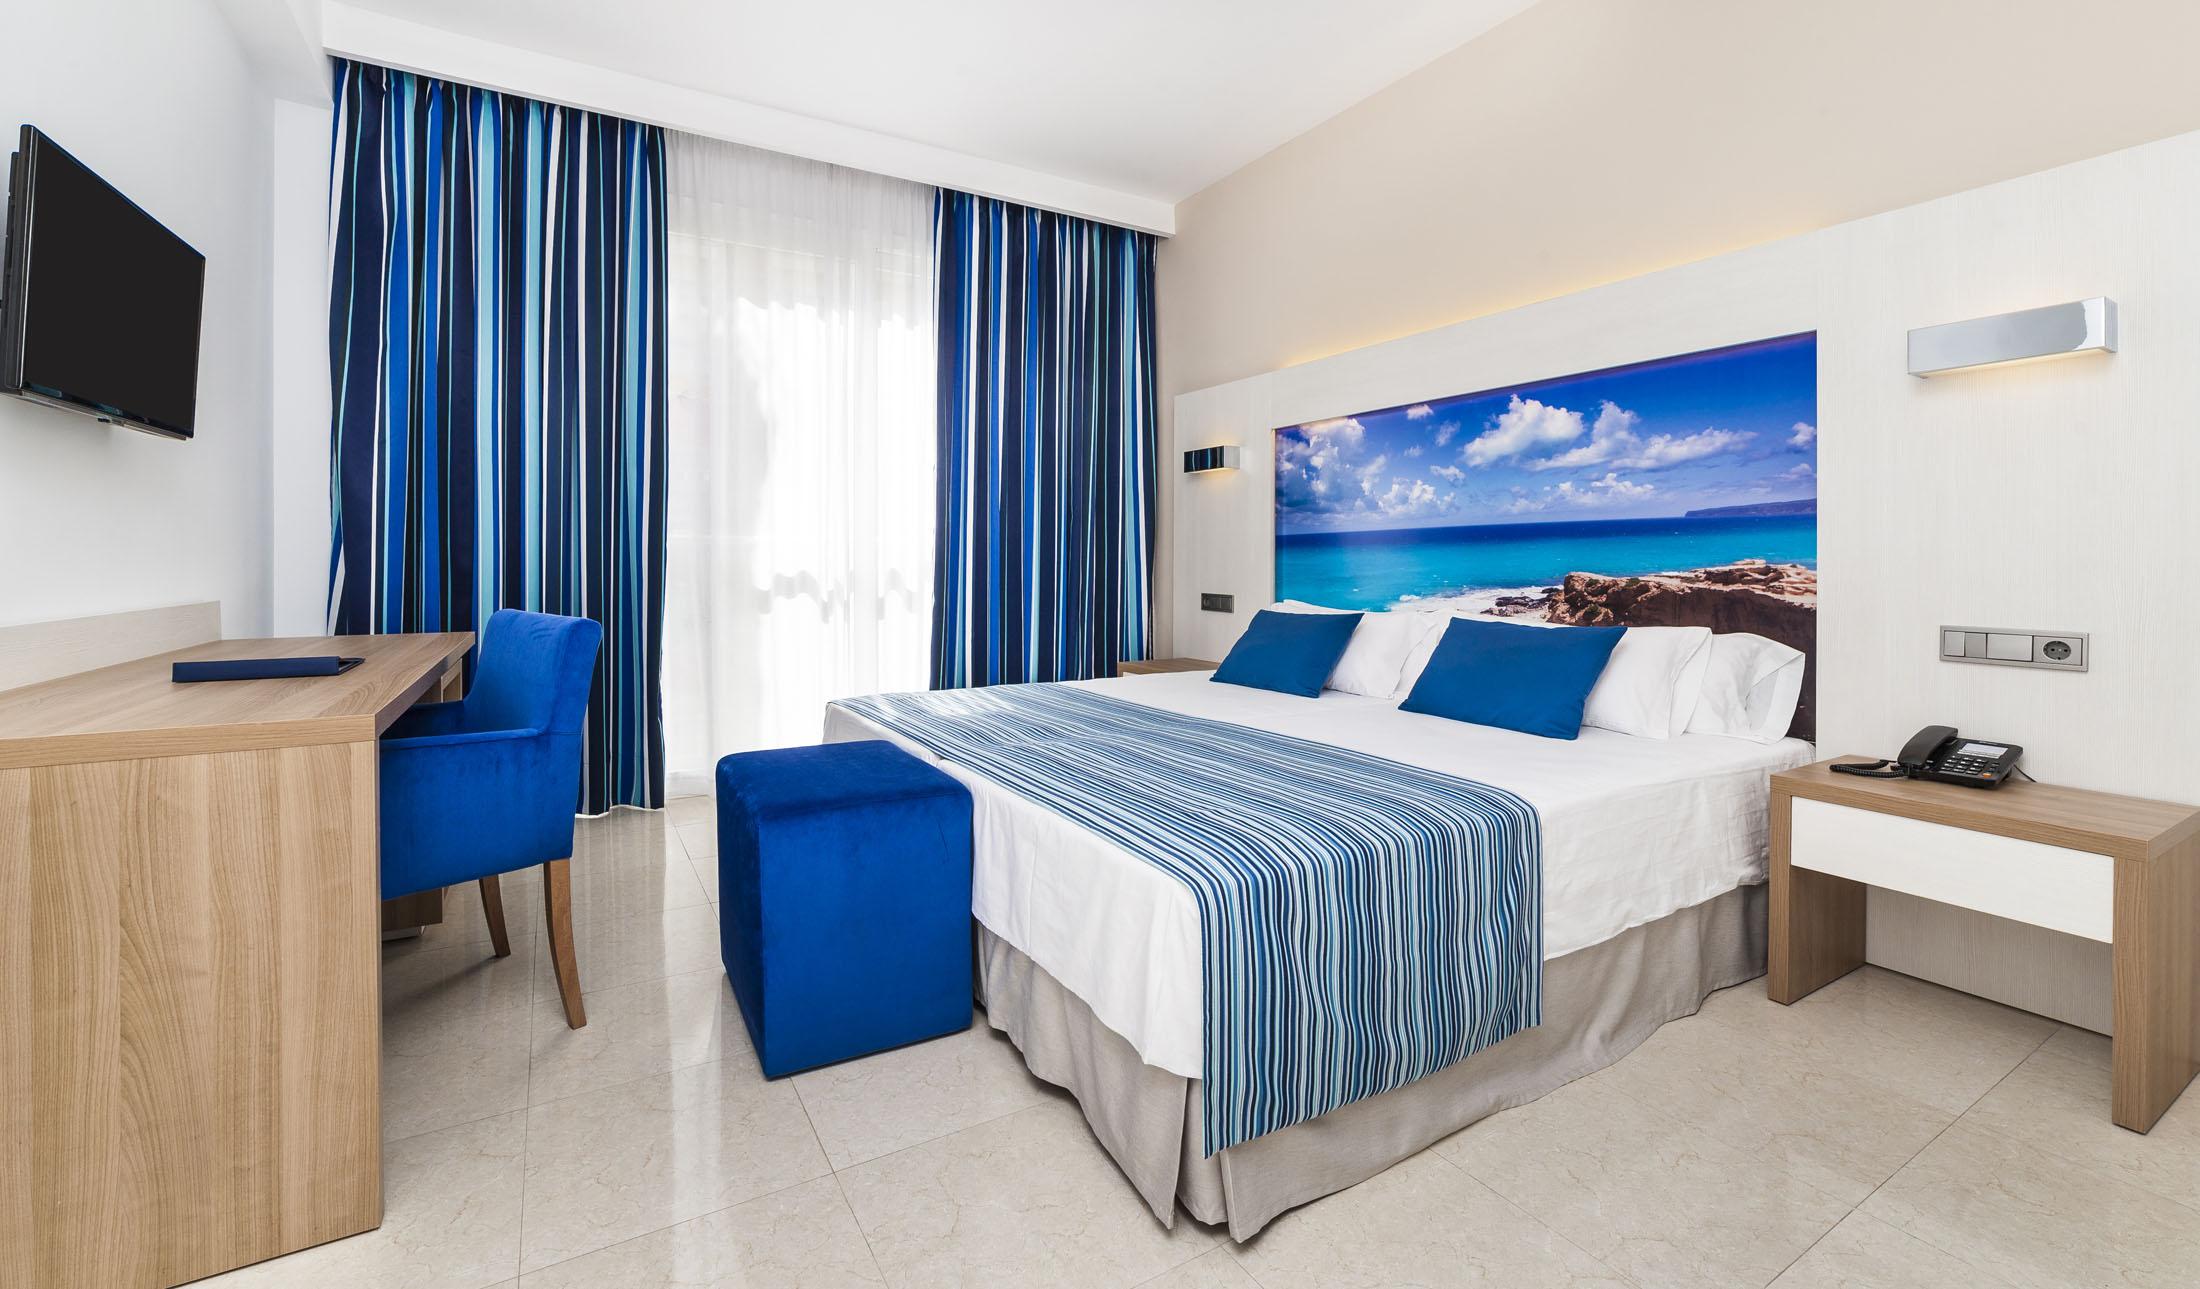 Habitación hotel Globales Playa Estepona